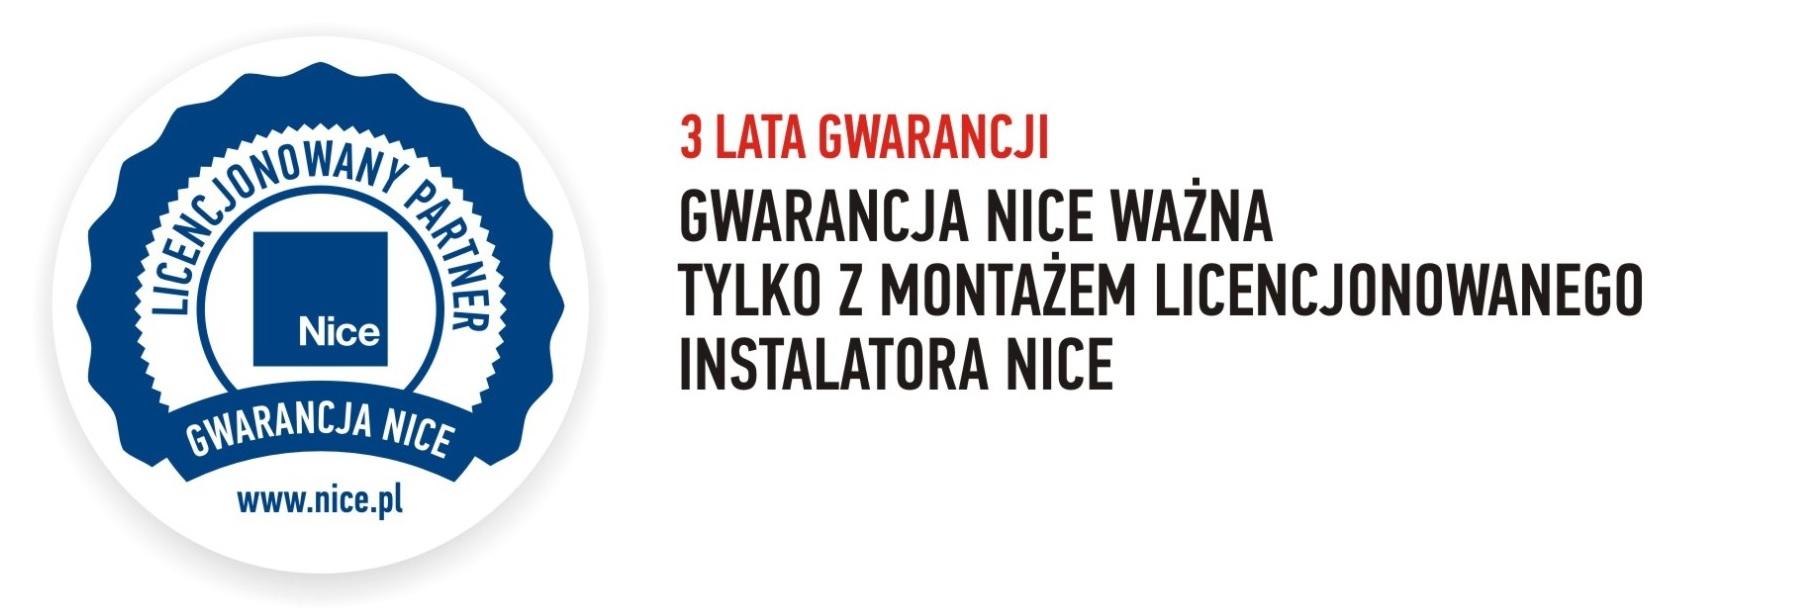 Licencjonowany instalator NICE